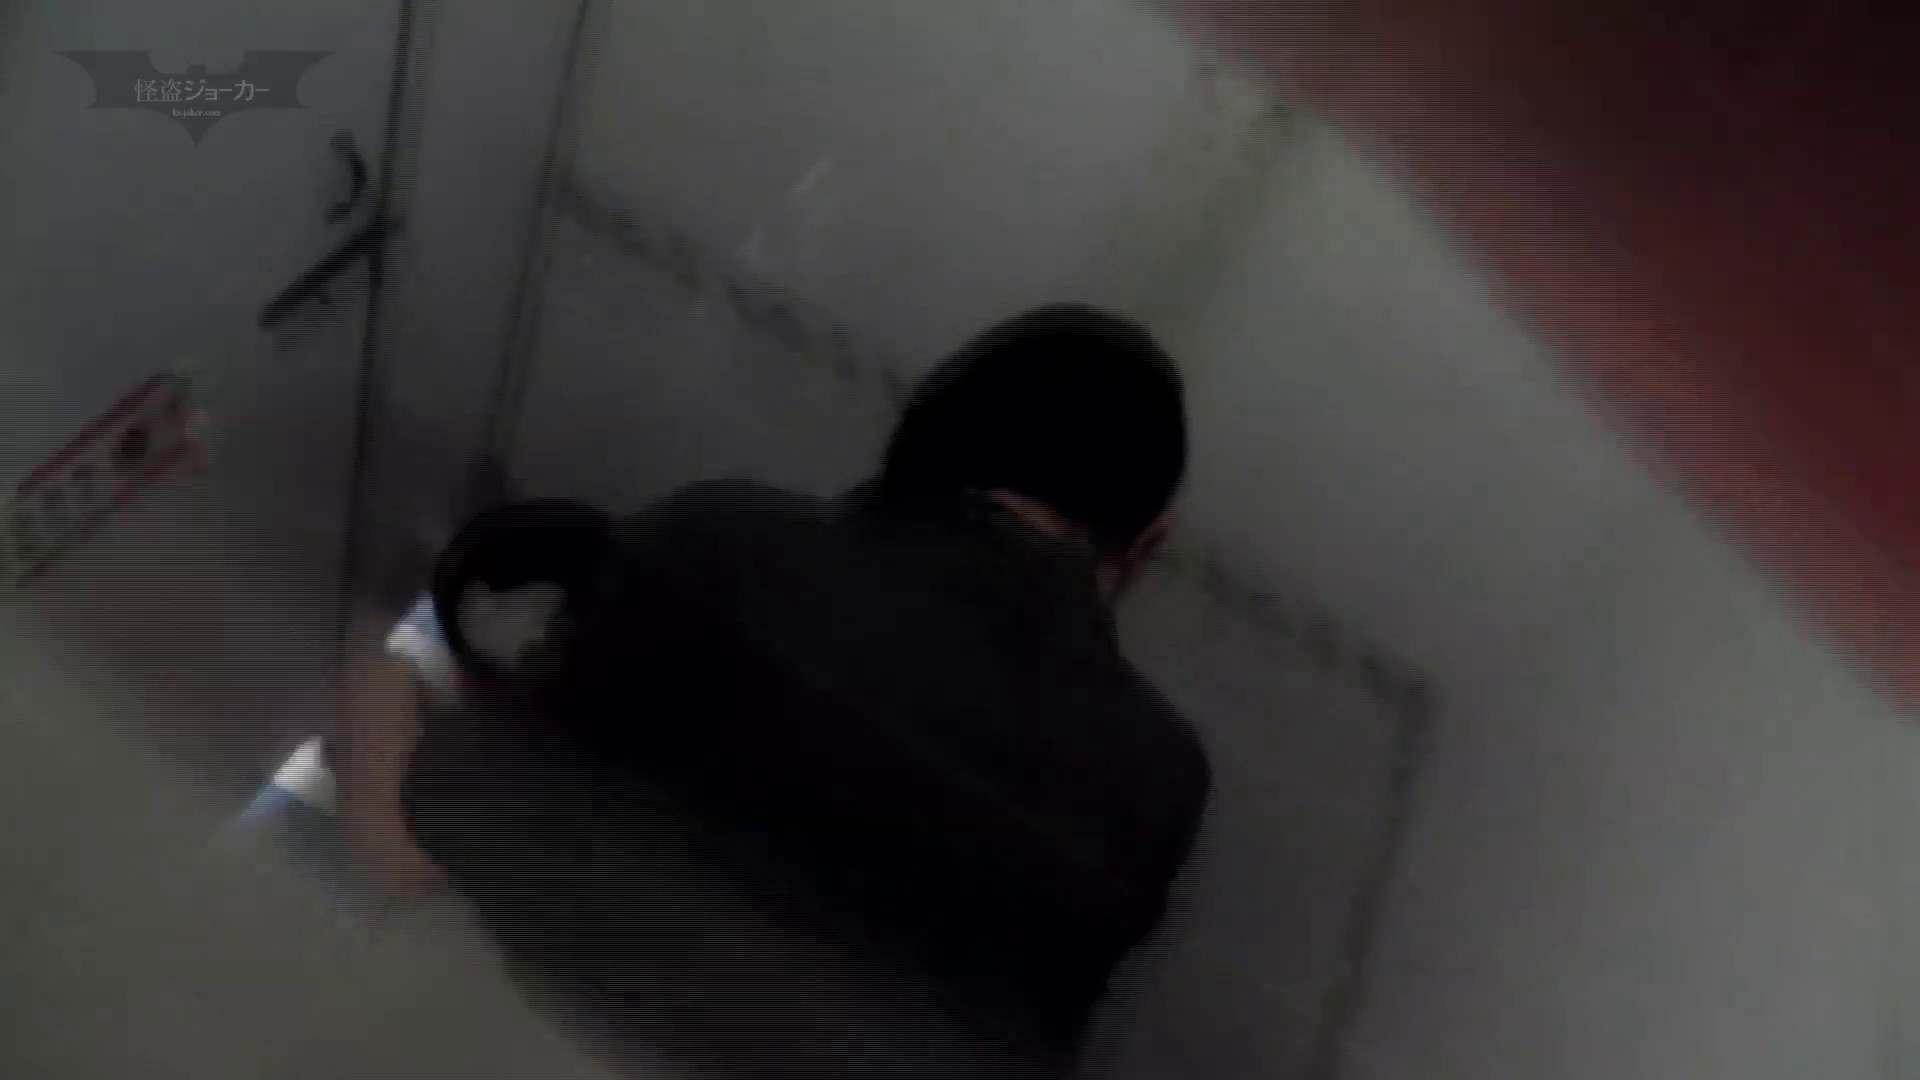 下からノゾム vol.031 扉を壊しみたら、漏れそうな子が閉じずに入ってくれた OL   0  73連発 53